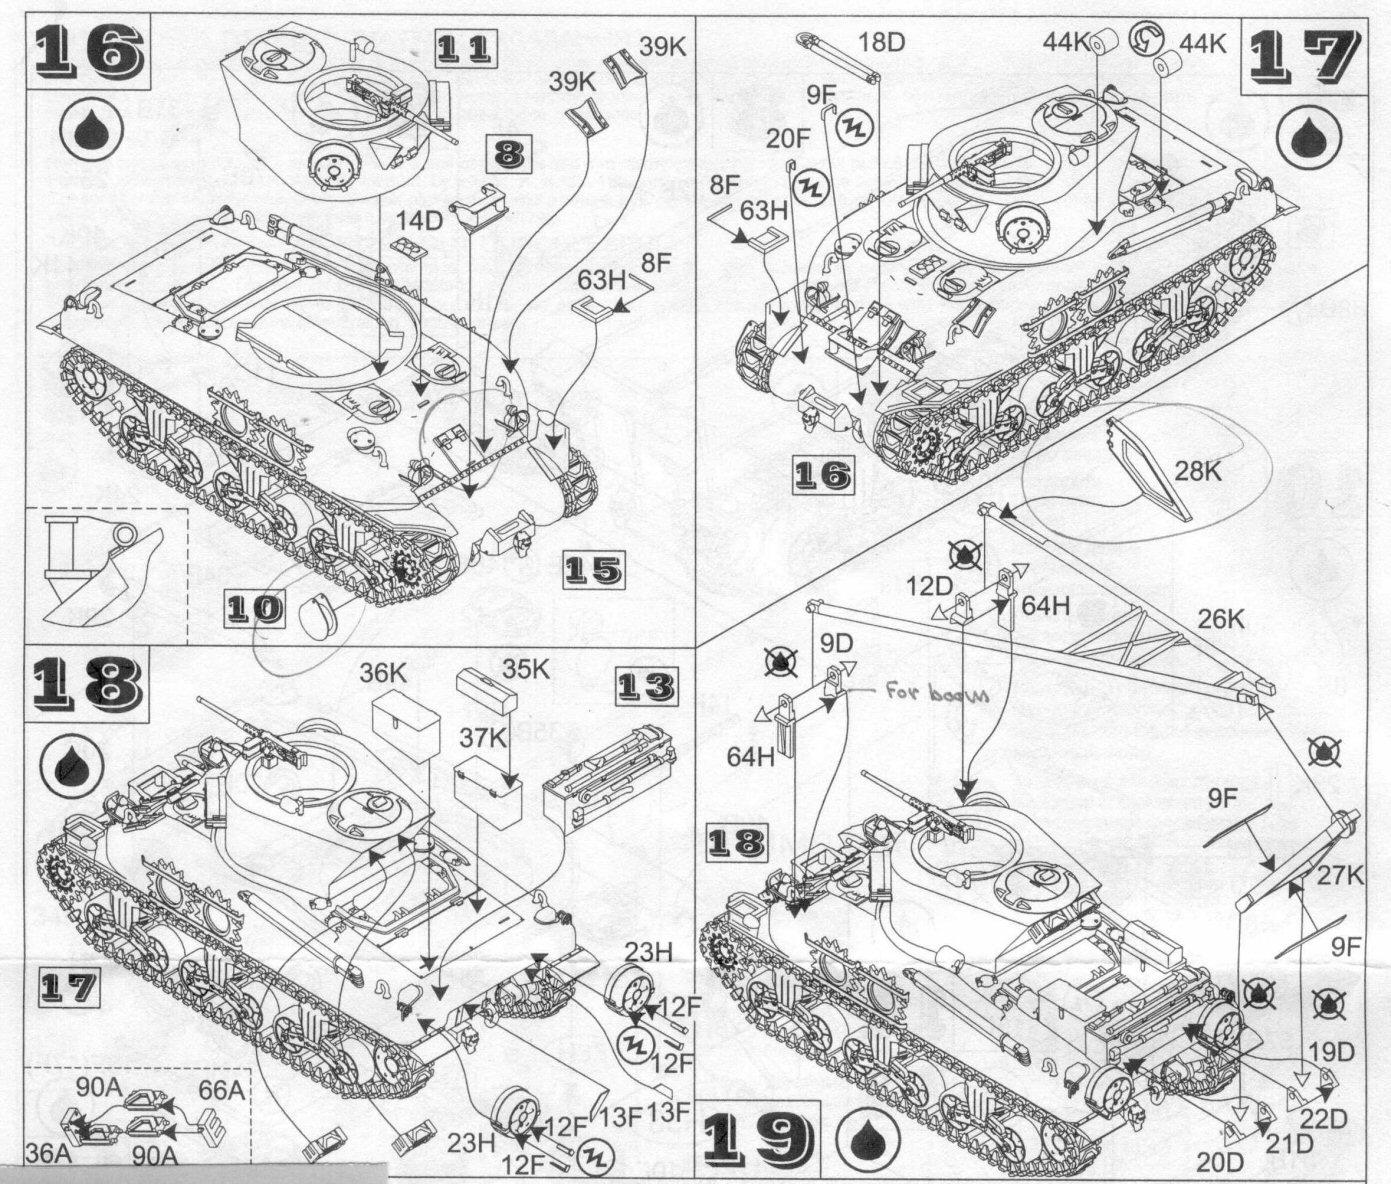 Um Models M32b1 Kit No 225